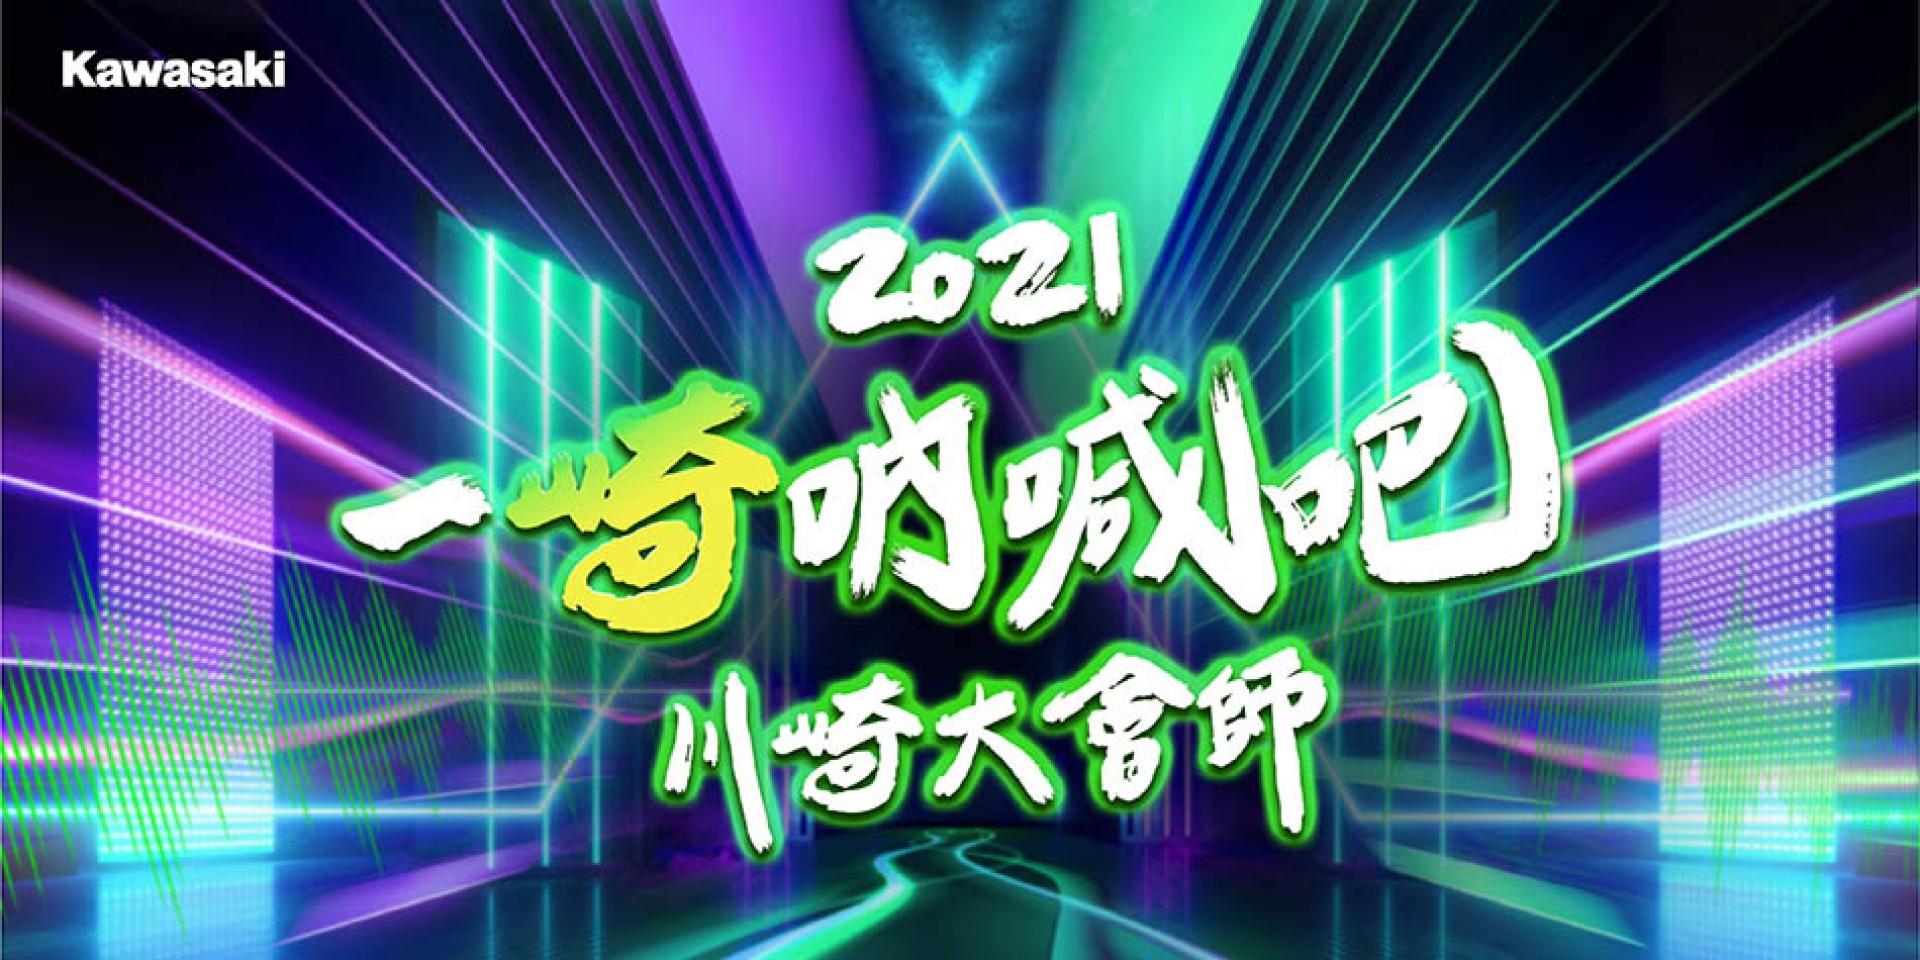 官方新聞稿。2021 Kawasaki 車主大會師活動正式開催 敬邀車主一同前往南國墾丁吶喊一夏